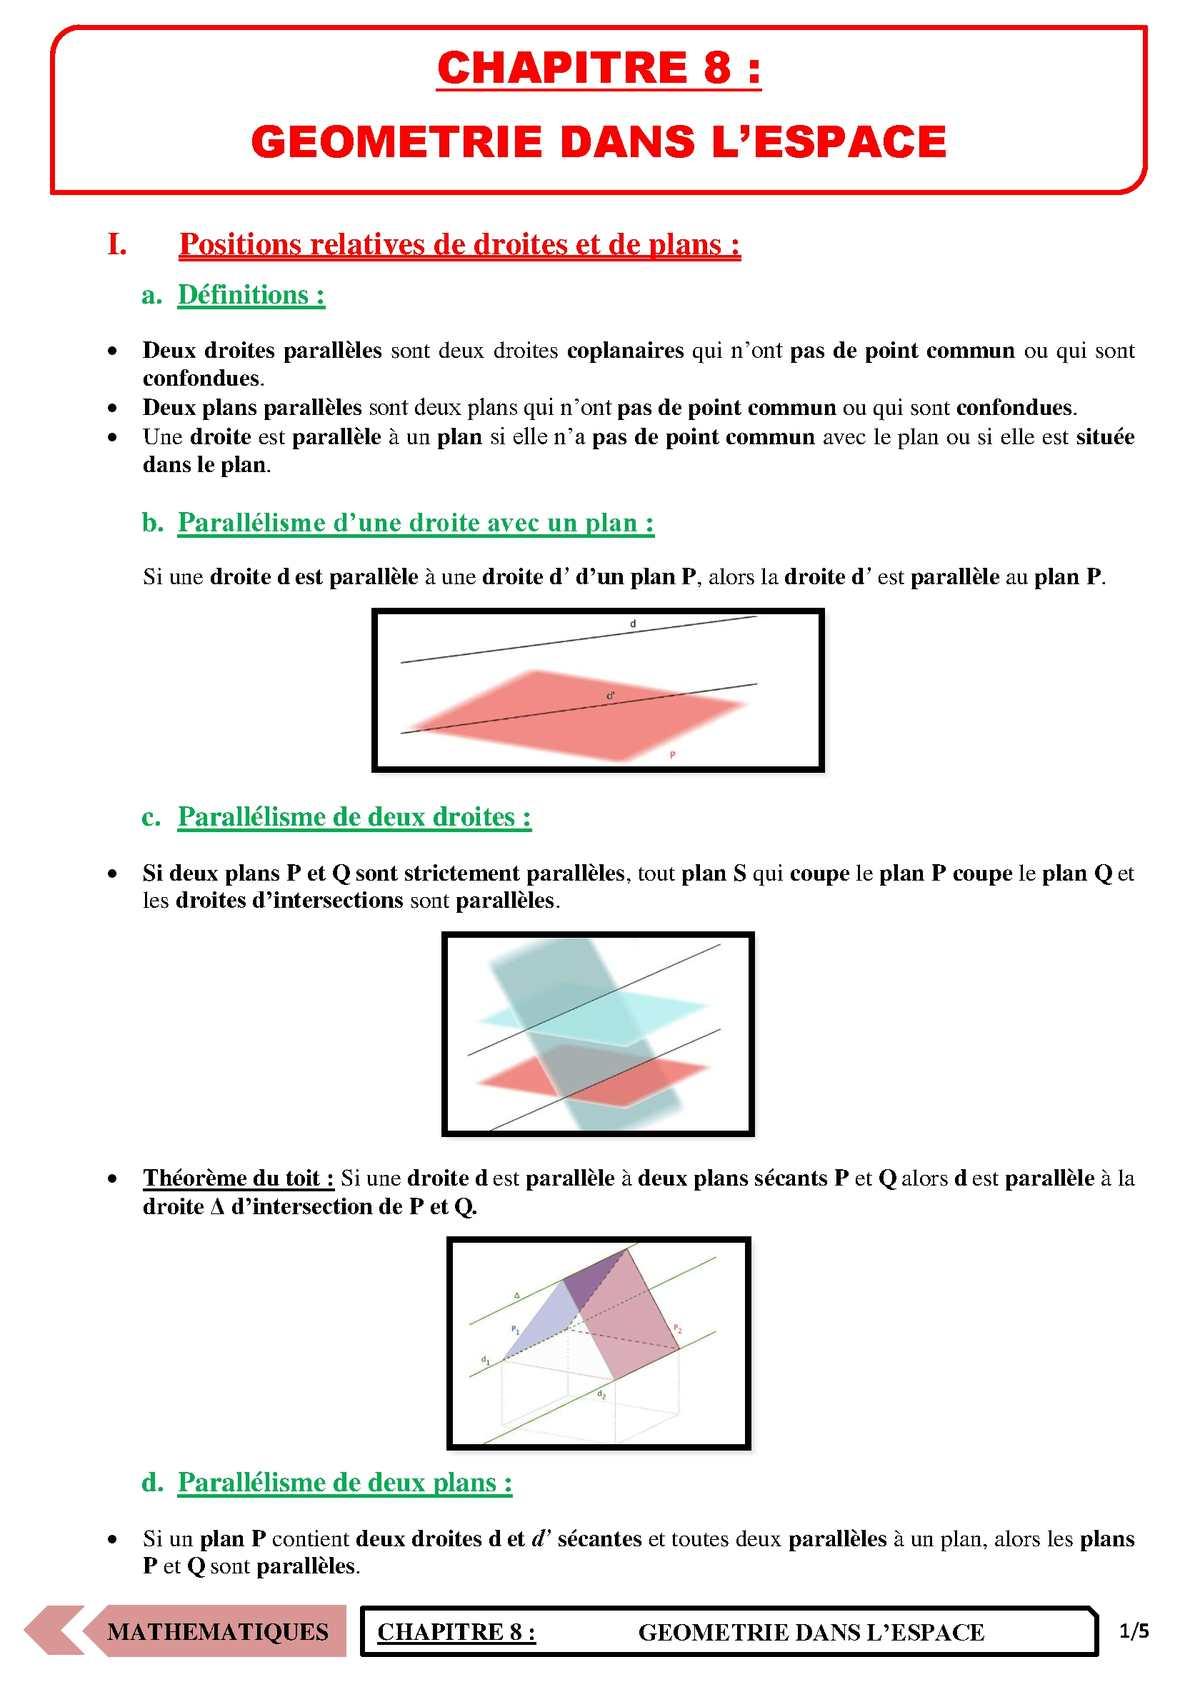 TS - MATHS - Chapitre 8 | JéSky.fr